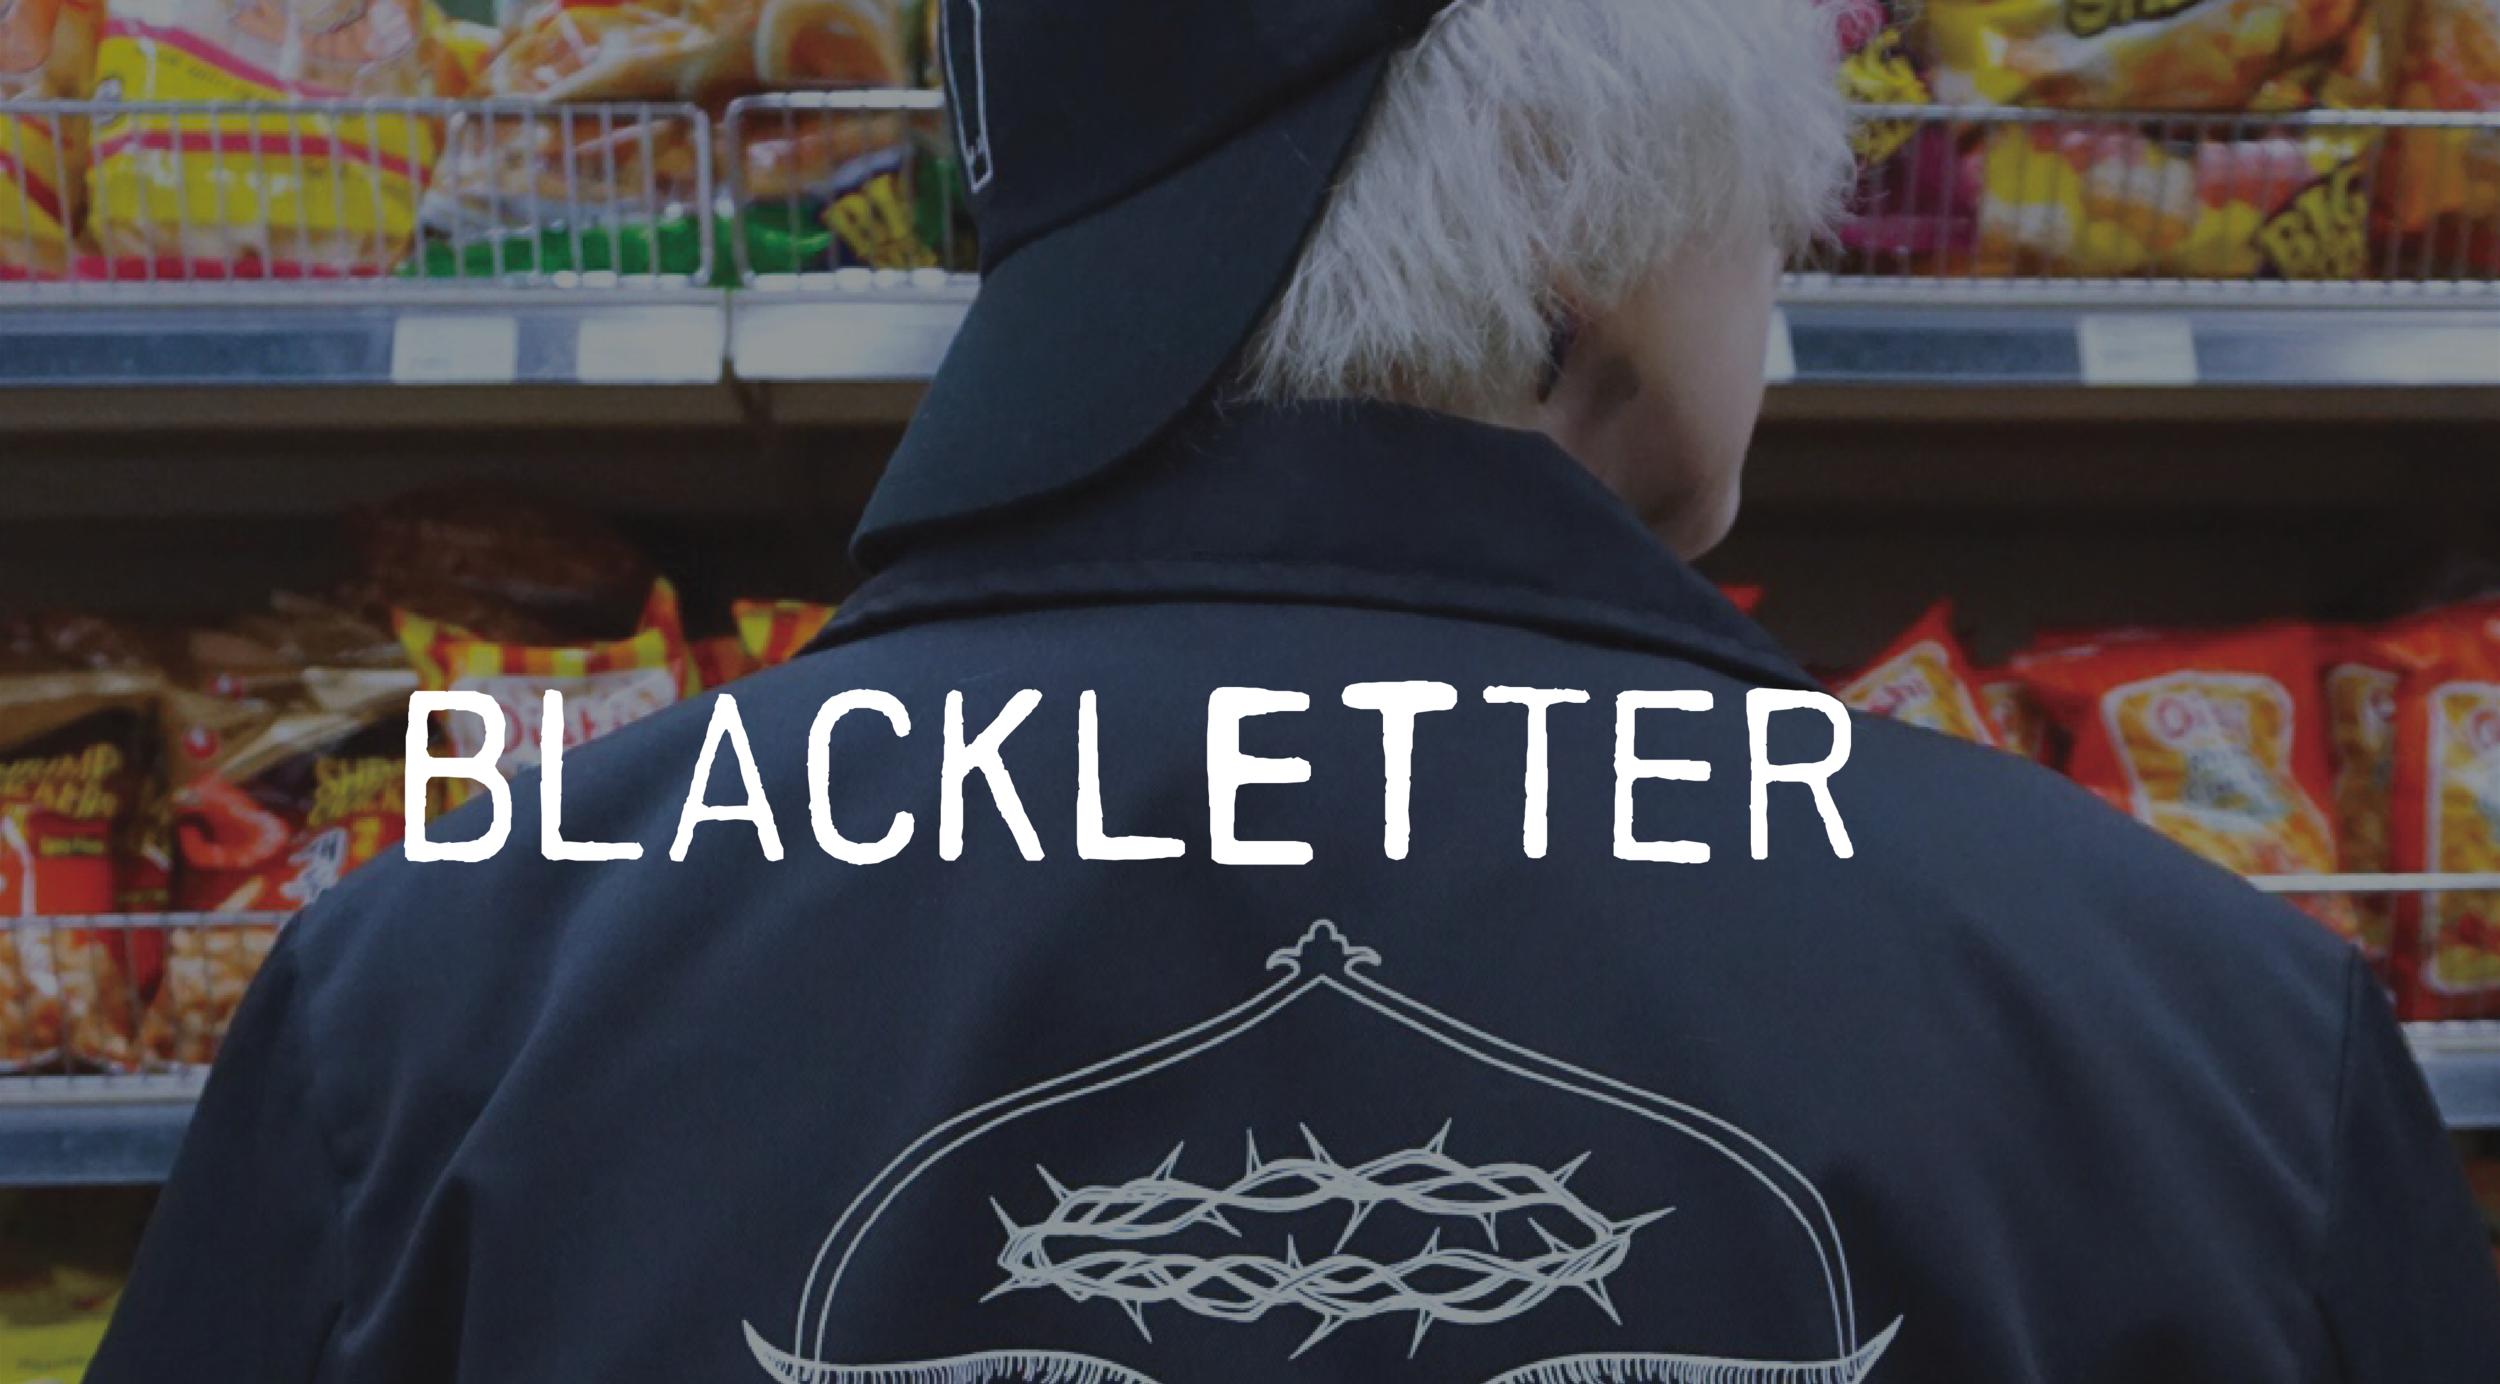 blackletter-01.png